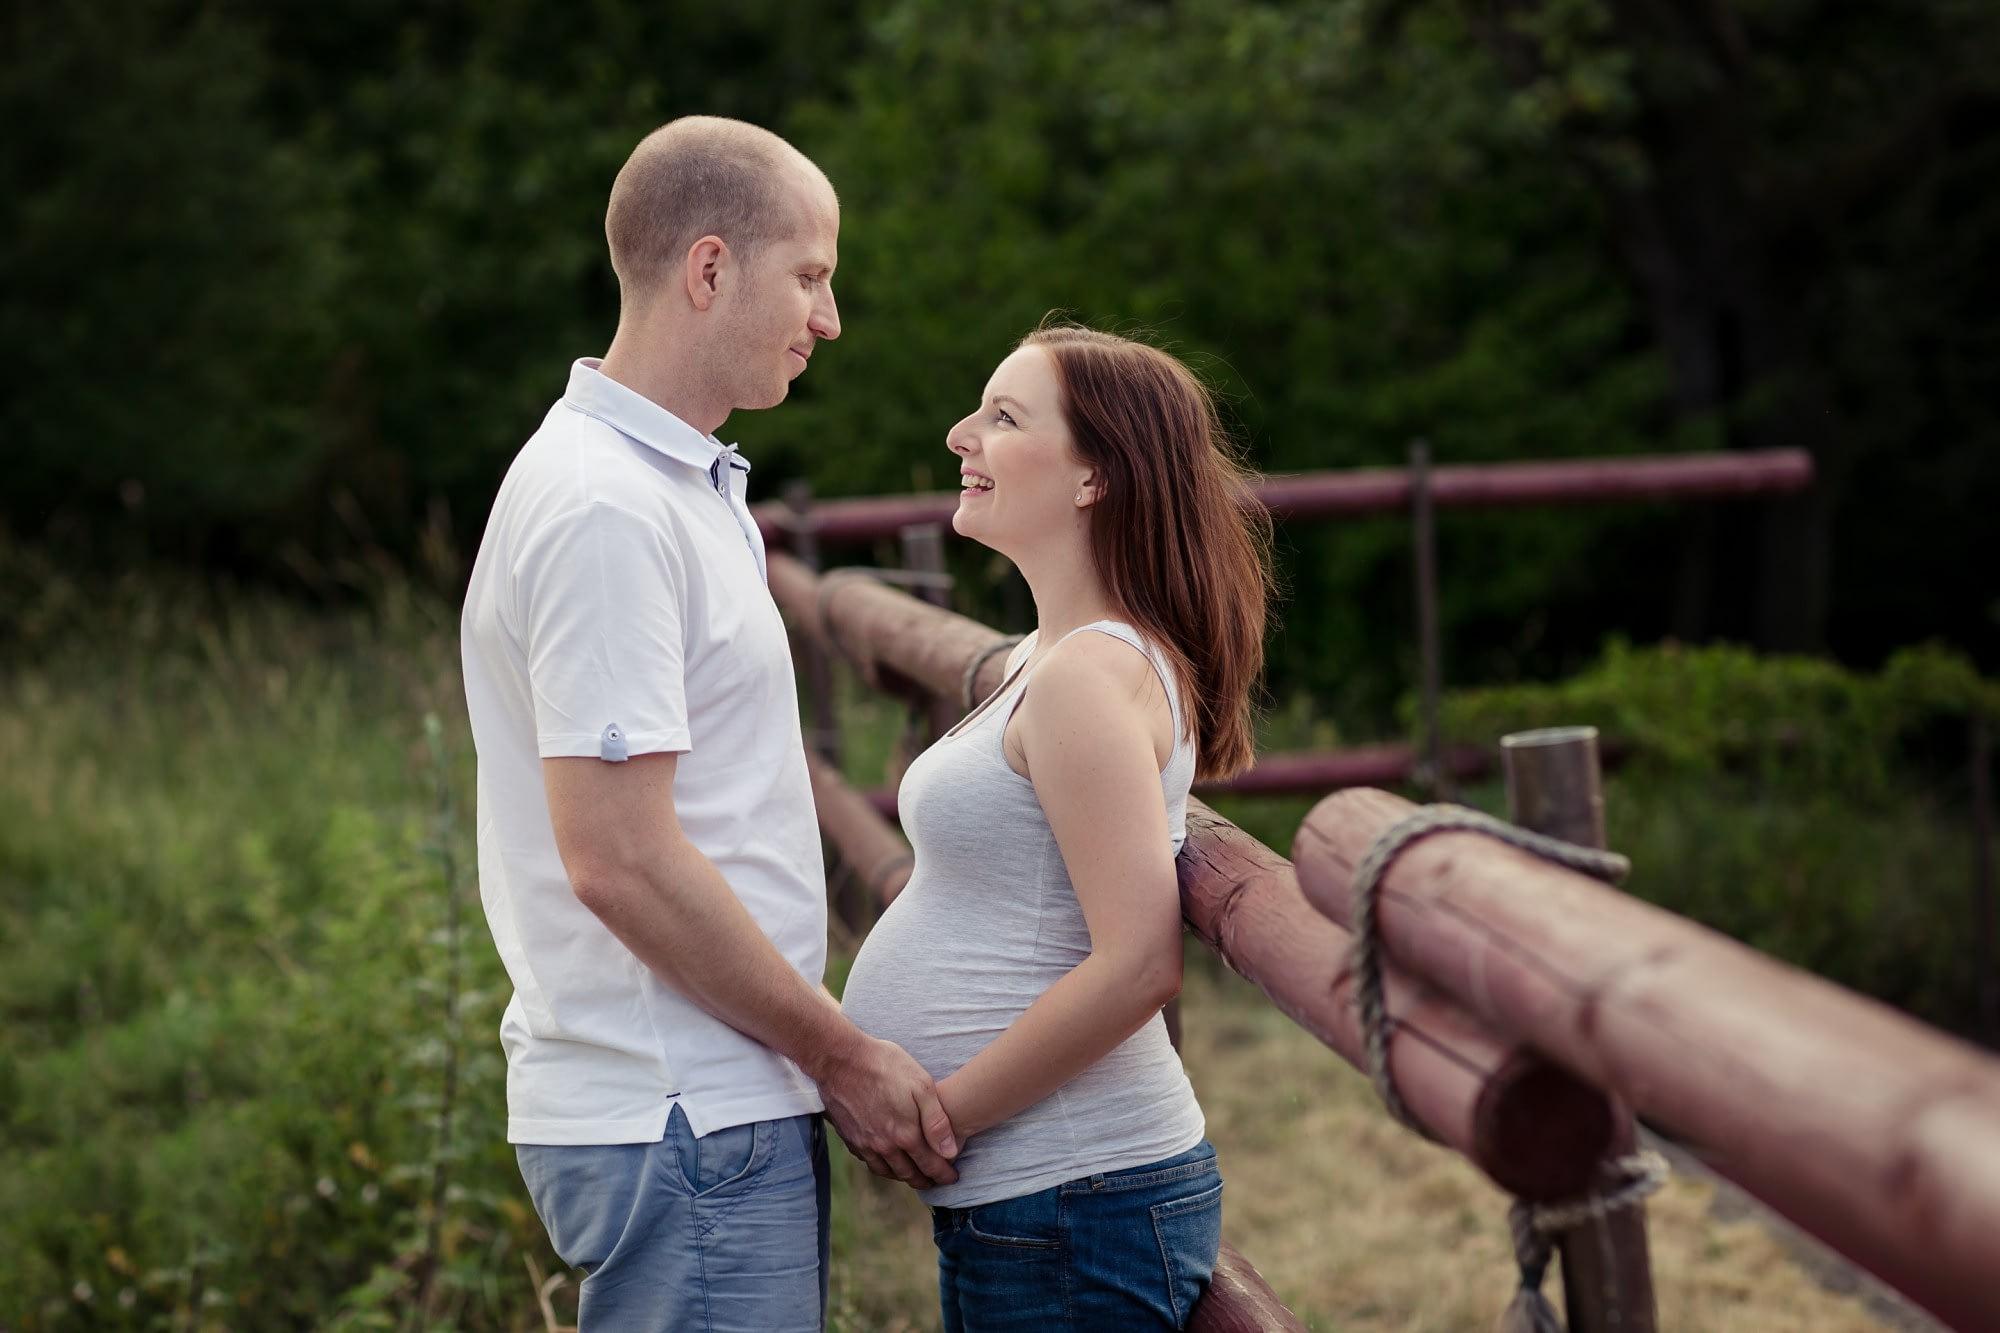 Těhotenské focení v přírodě, Těhotenské fotografie v přírodě